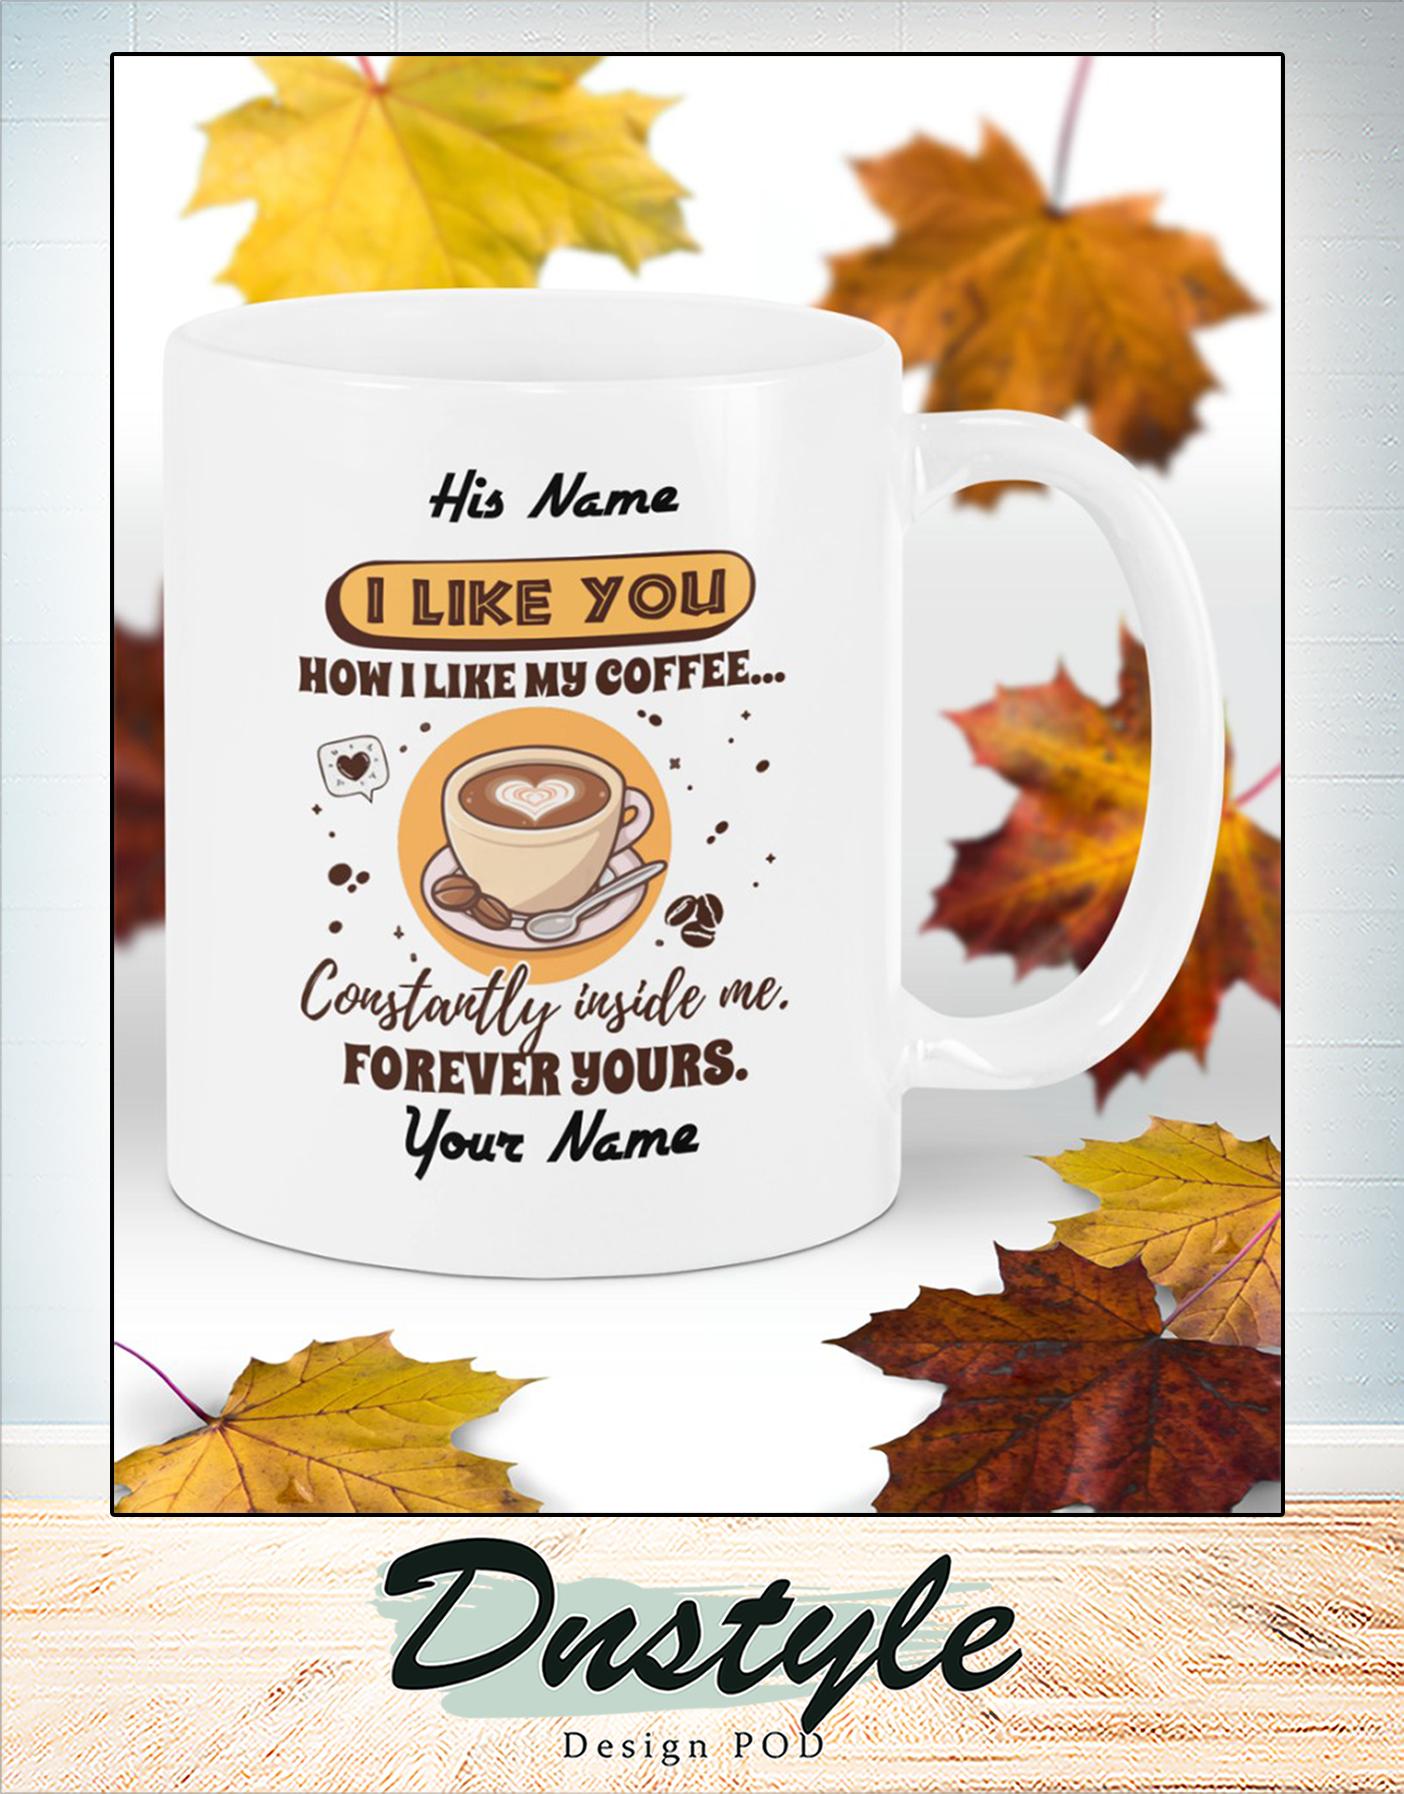 Personalized custom name I like you how I like my coffee mug 2